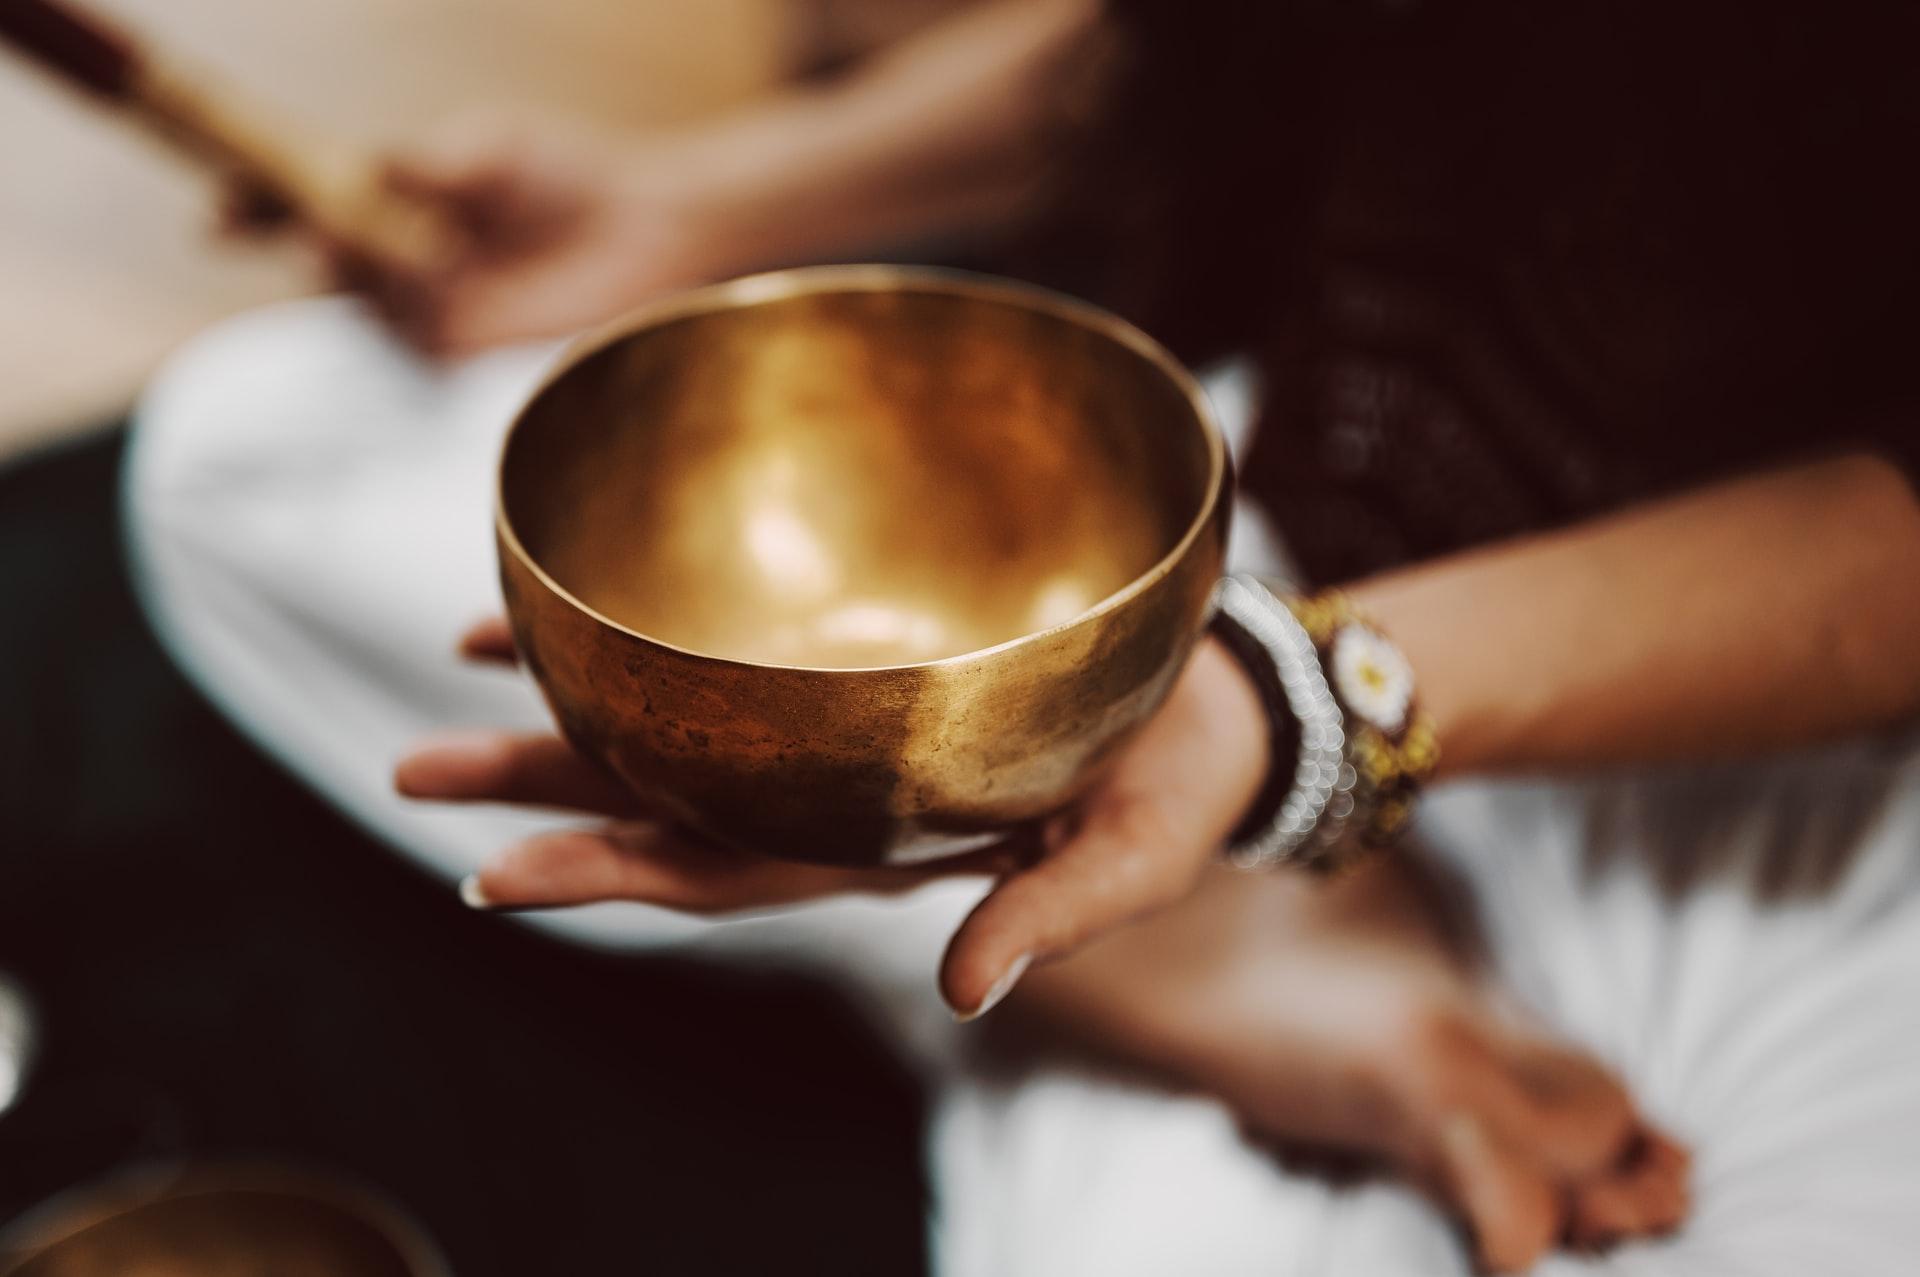 tibetan sound bowls